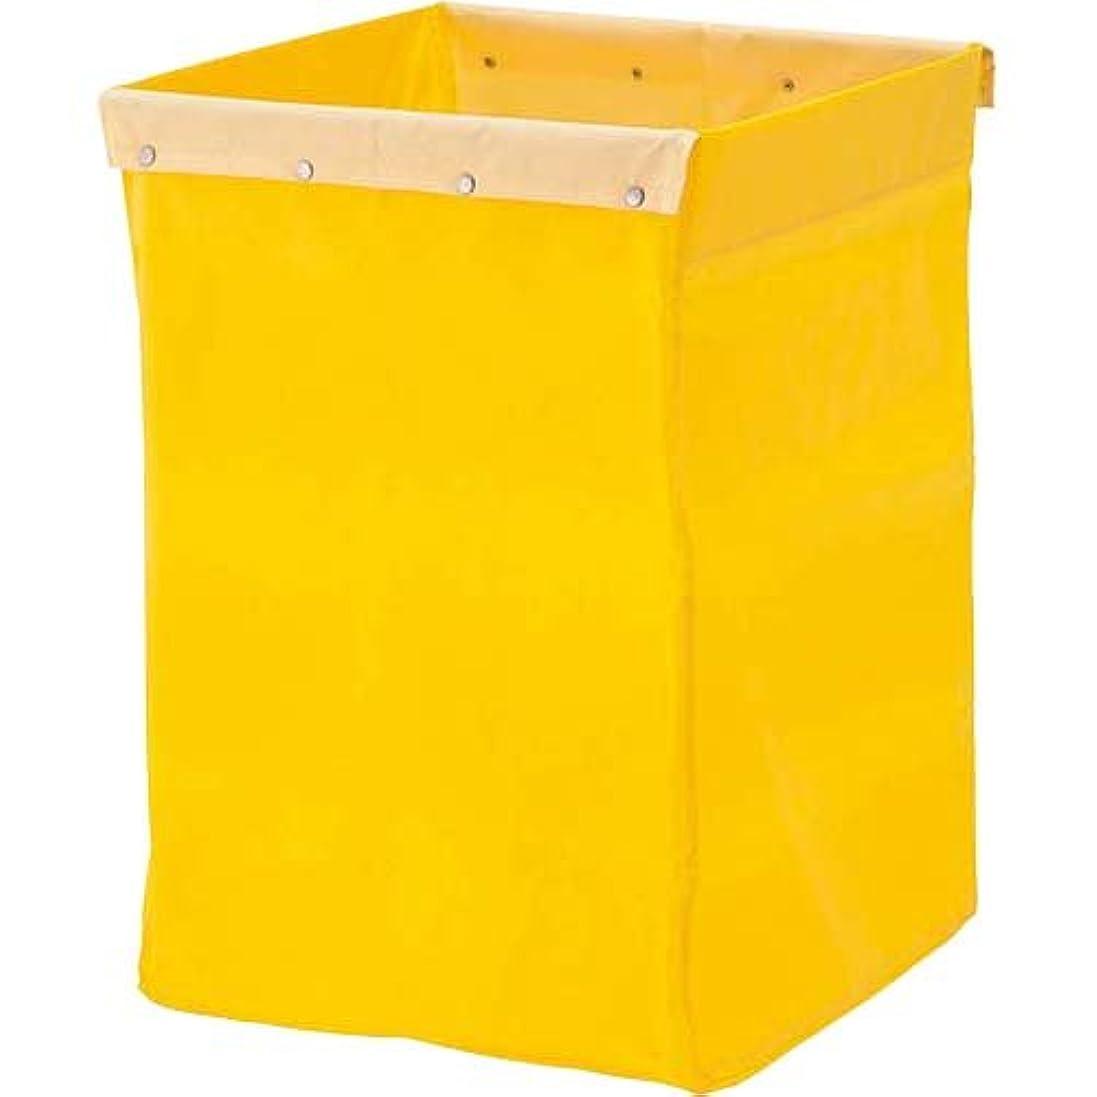 農民クラックポット特に山崎産業 清掃用品 リサイクル用システムカート 180L収納袋 イエロー